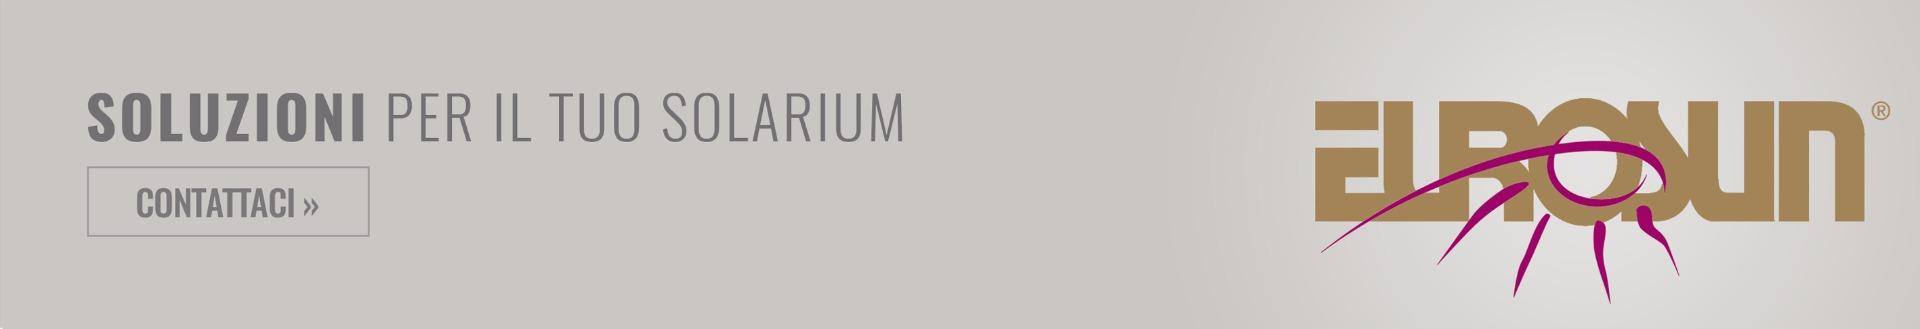 Soluzioni per Solarium